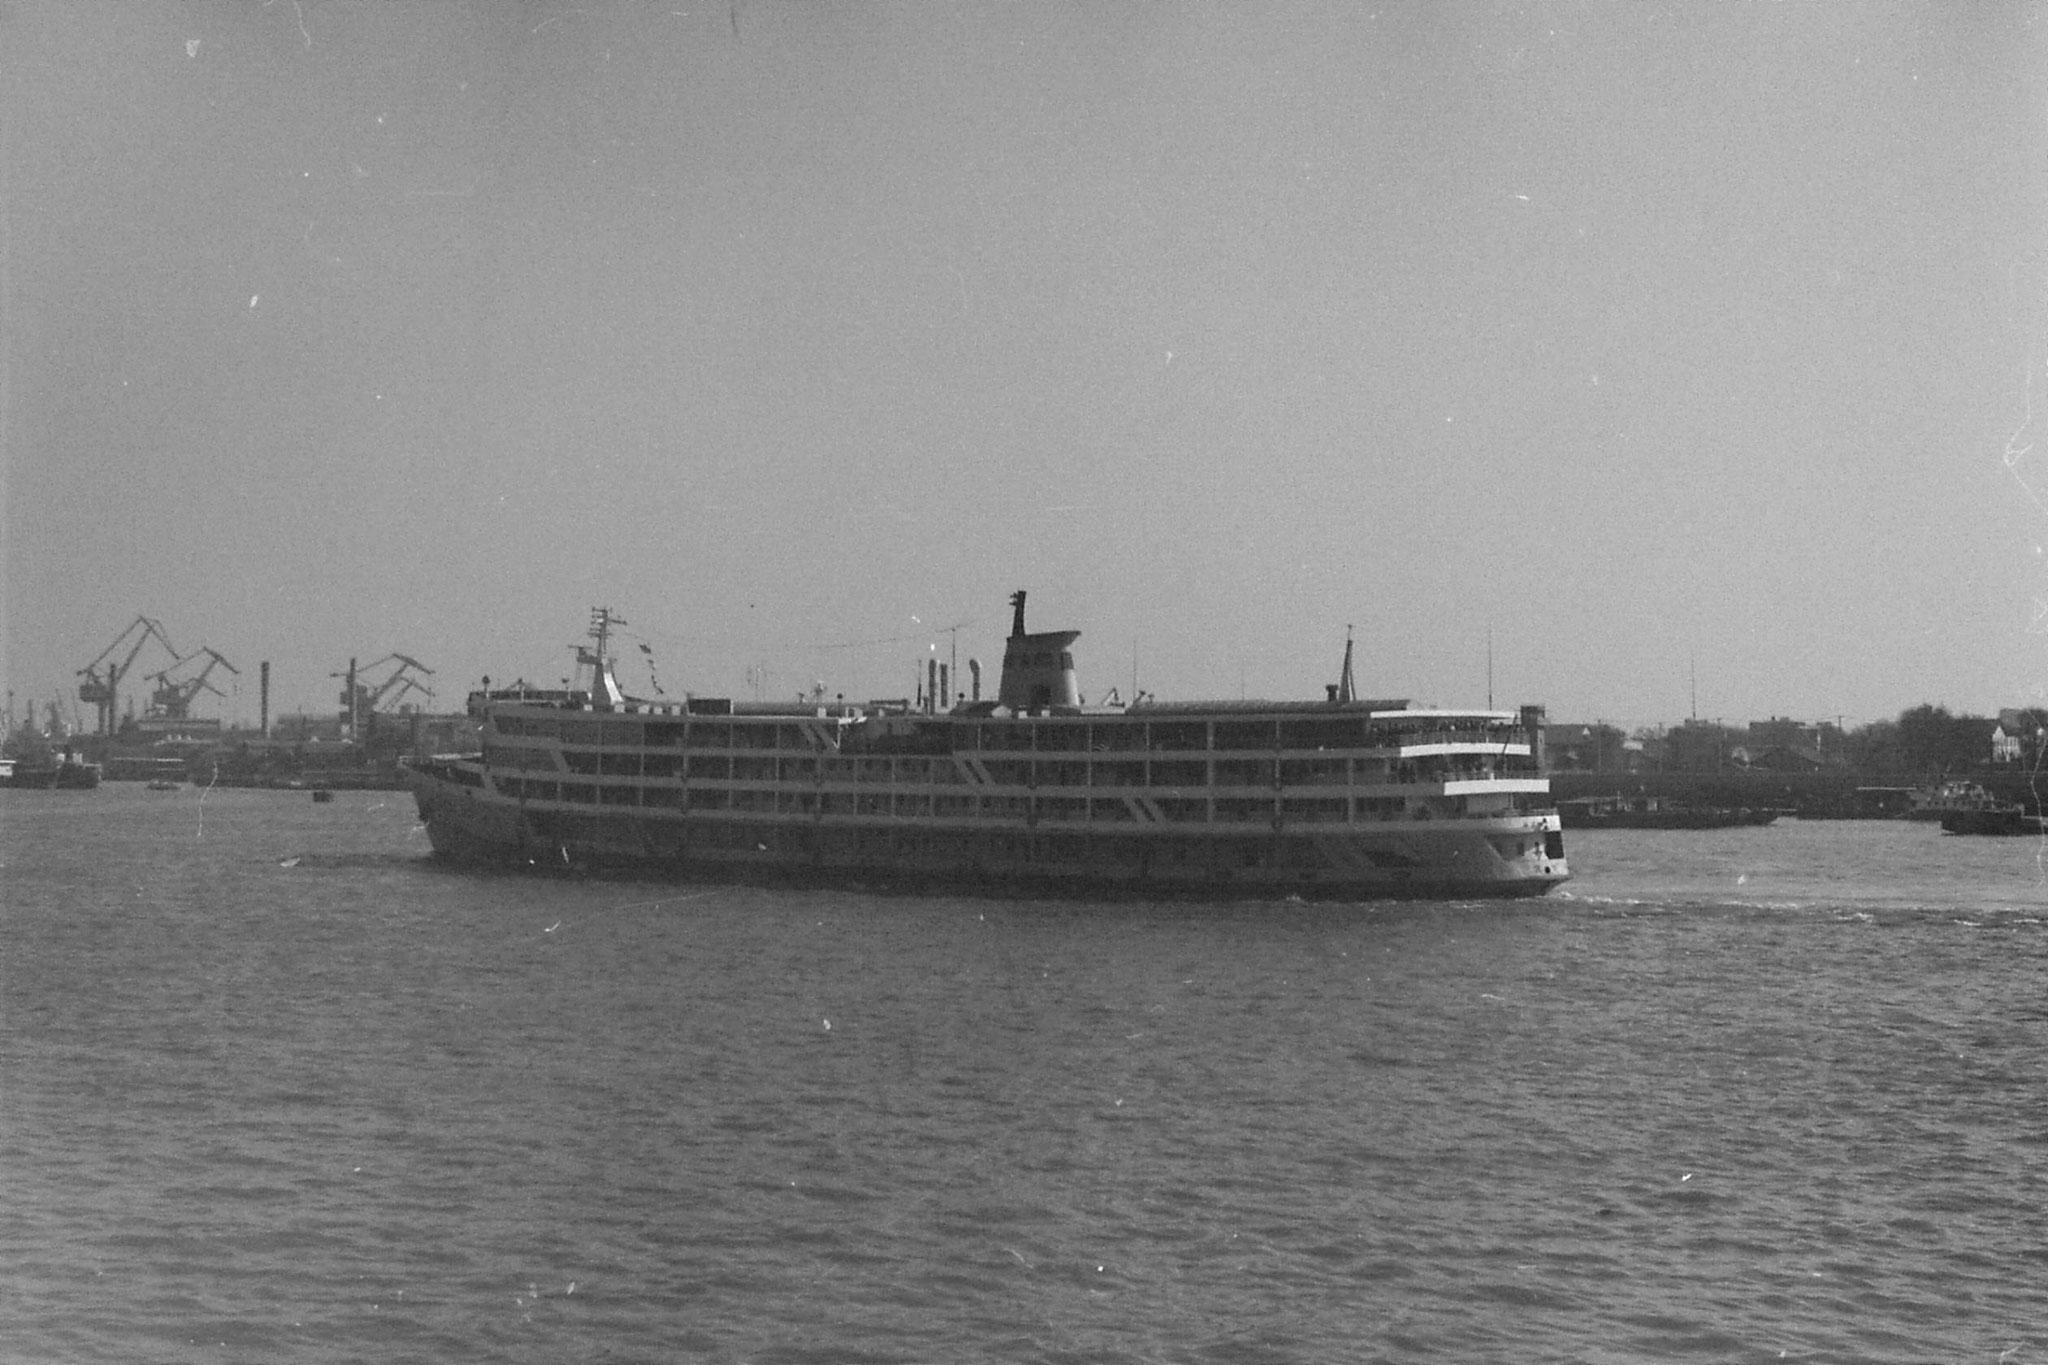 14/12/1988: 17: Shanghai, Yangtse passenger boat